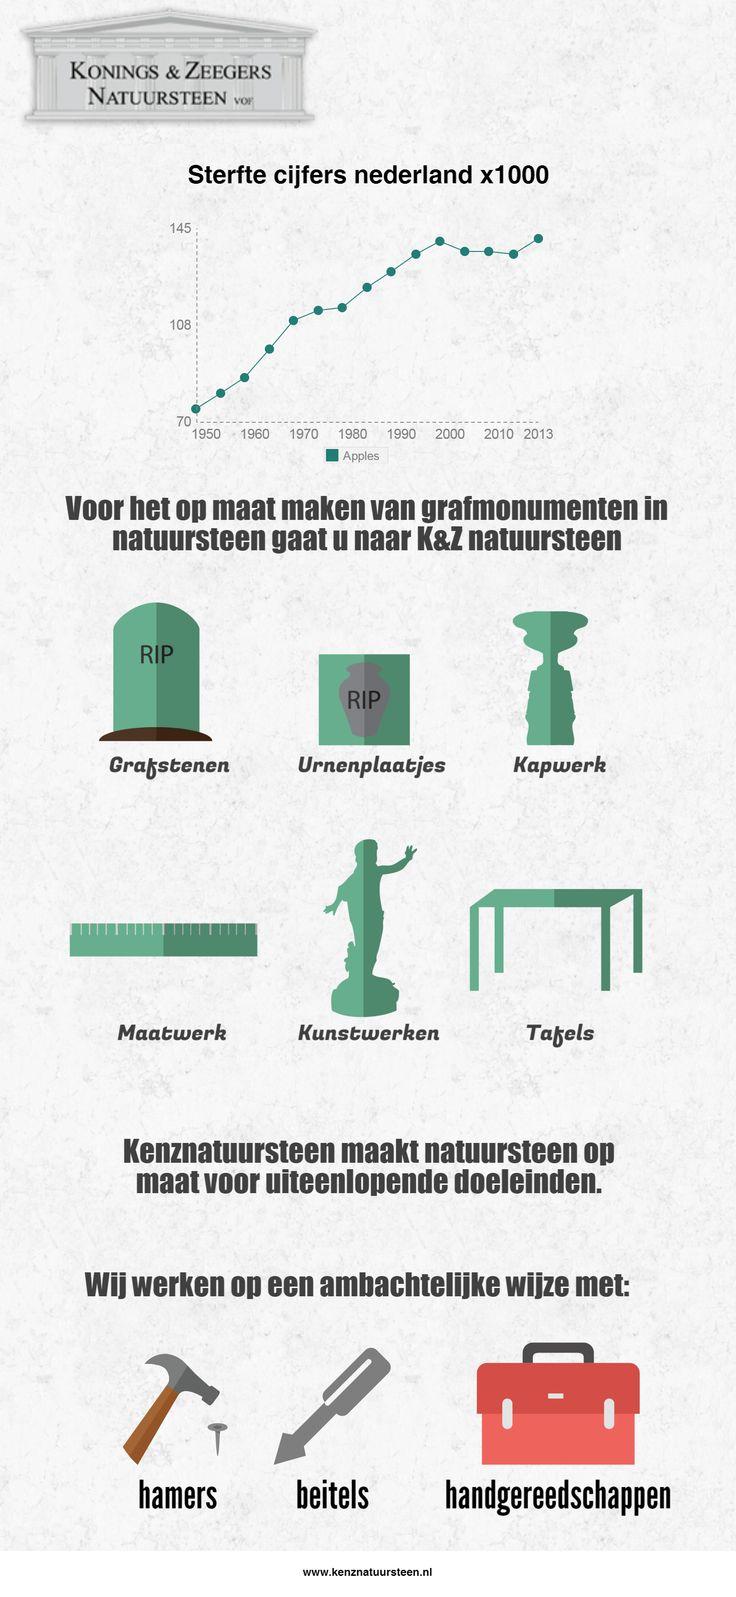 Wij vervaardigen op ambachtelijke en moderne wijze natuursteen tot hedendaagse producten. Denk aan Grafstenen, Kunstwerken, Tafels, Kapwerk en Urnenplaatjes. Ook maken wij natuursteen op maat.  http://www.kenznatuursteen.nl/